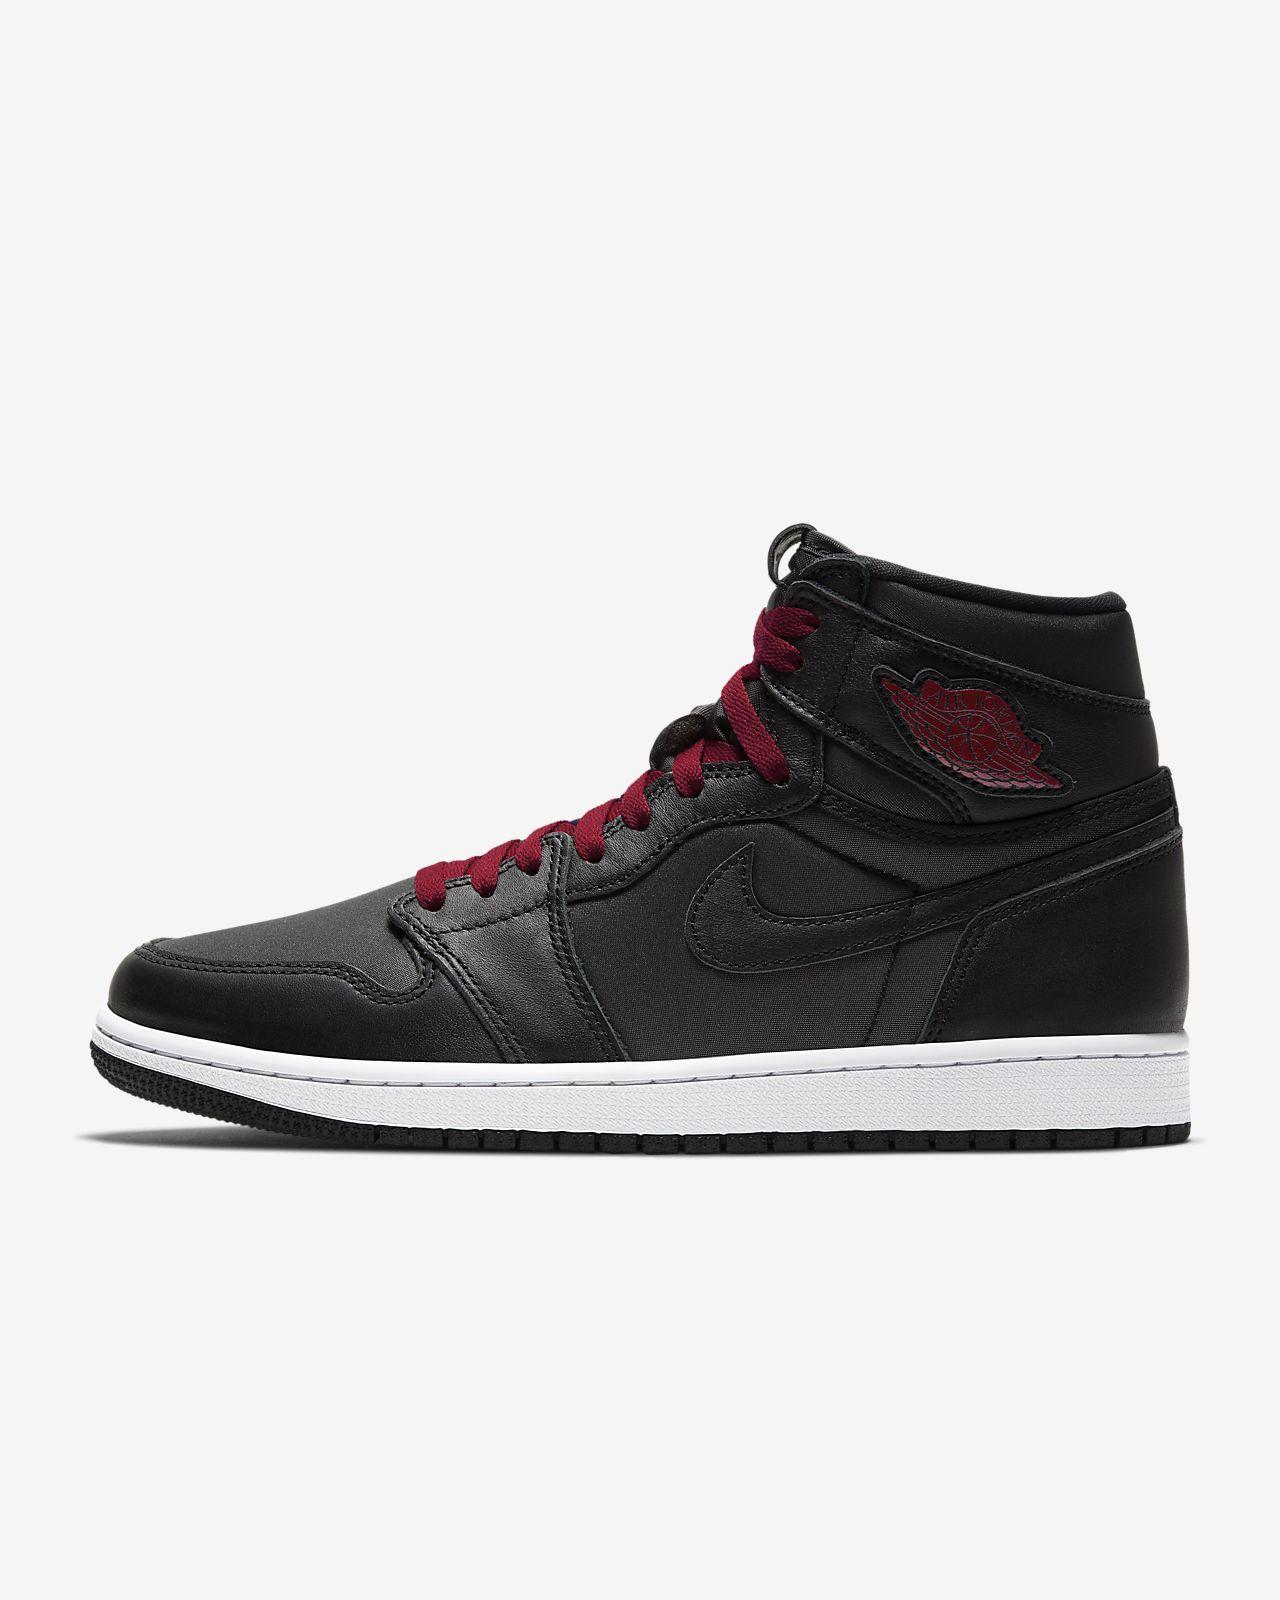 Calzado Air Jordan 1 Retro High OG